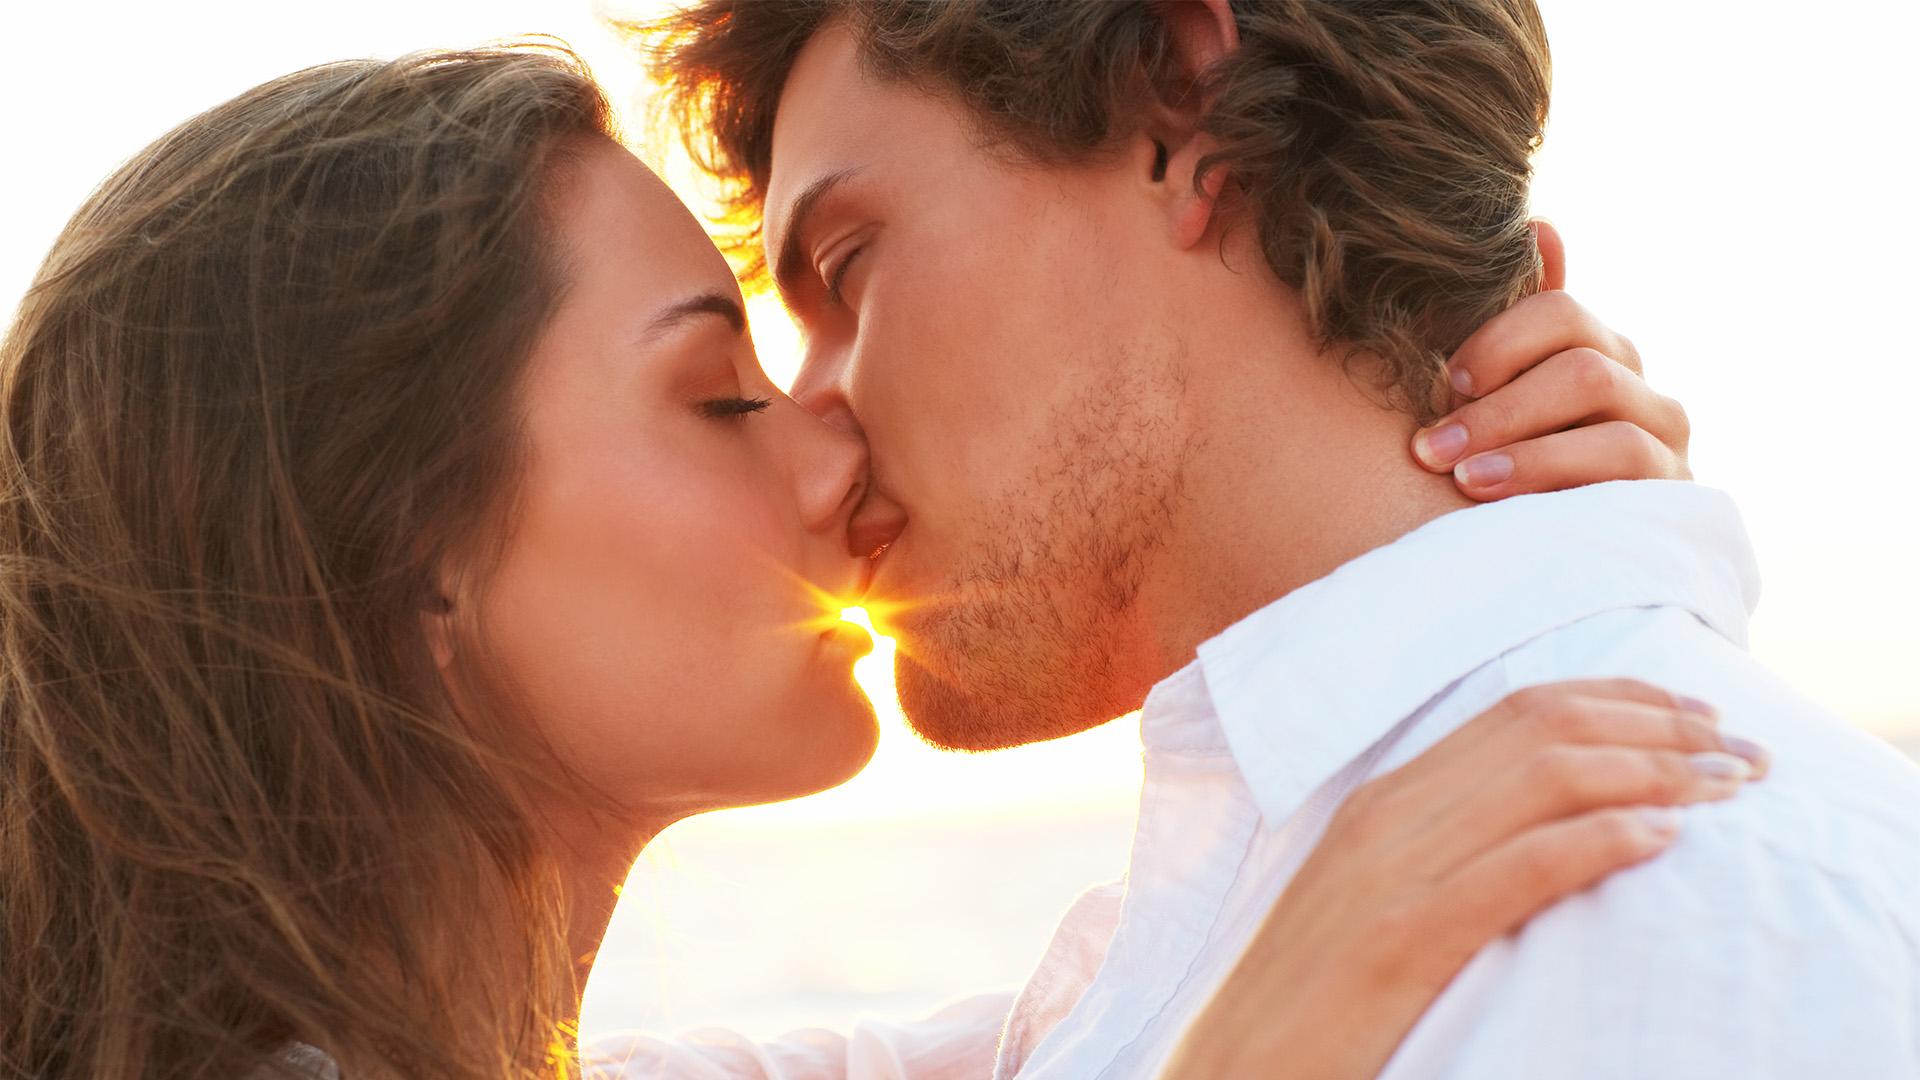 b. molnár márk csók csókolózni filematológia makai gábor párkapcsolat szakpszichológus személyiség ujjlenyomat